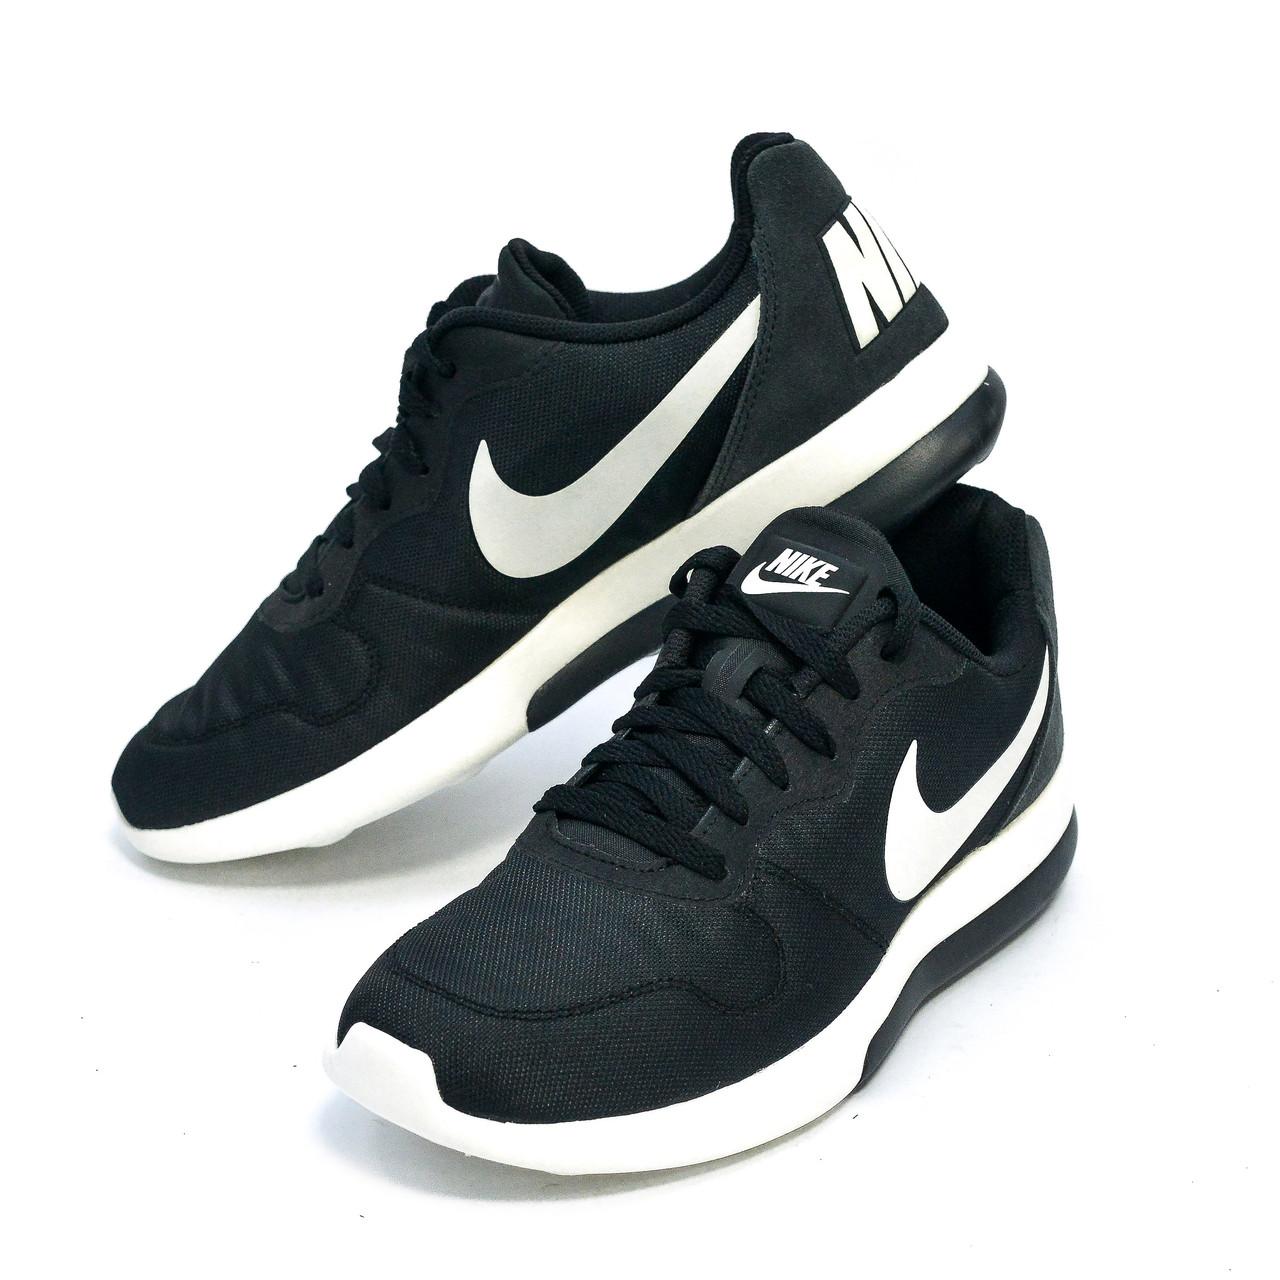 Оригинальные мужские кроссовки Nike MD Runner 2 Low